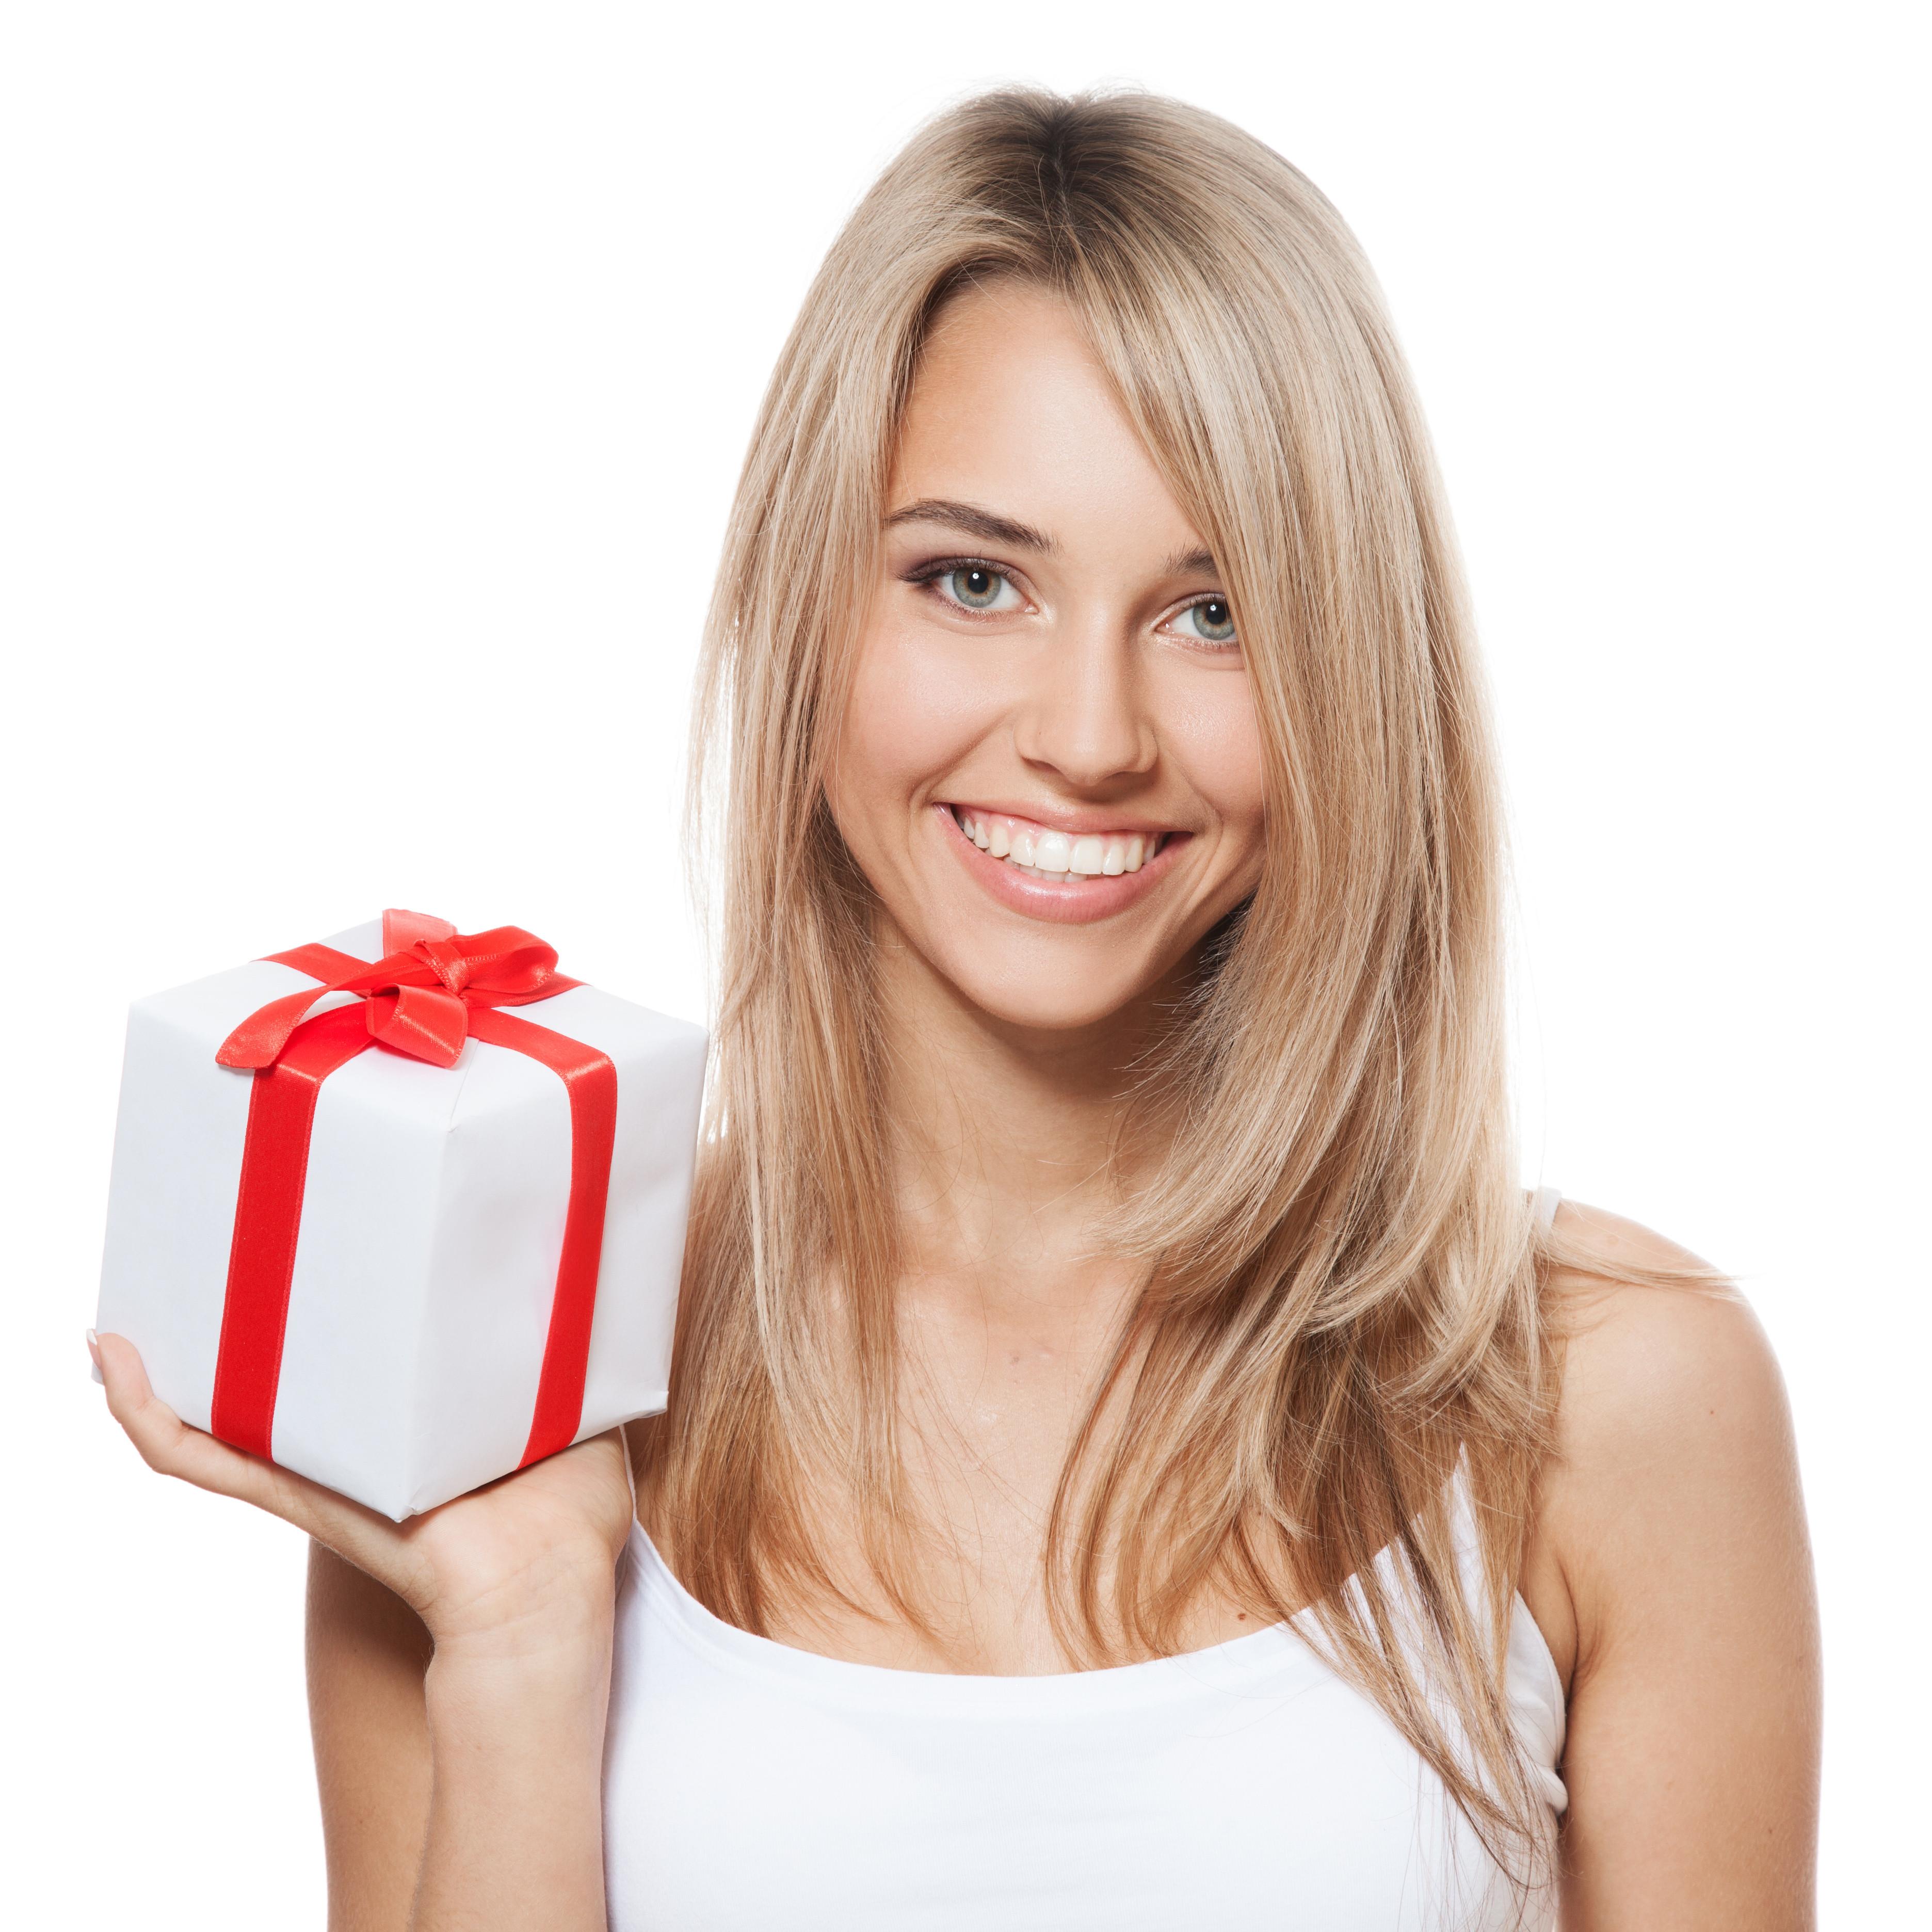 Außergewöhnliche Geburtstagsgeschenke  Originelle Geschenke für Männer Hier findest Du coole